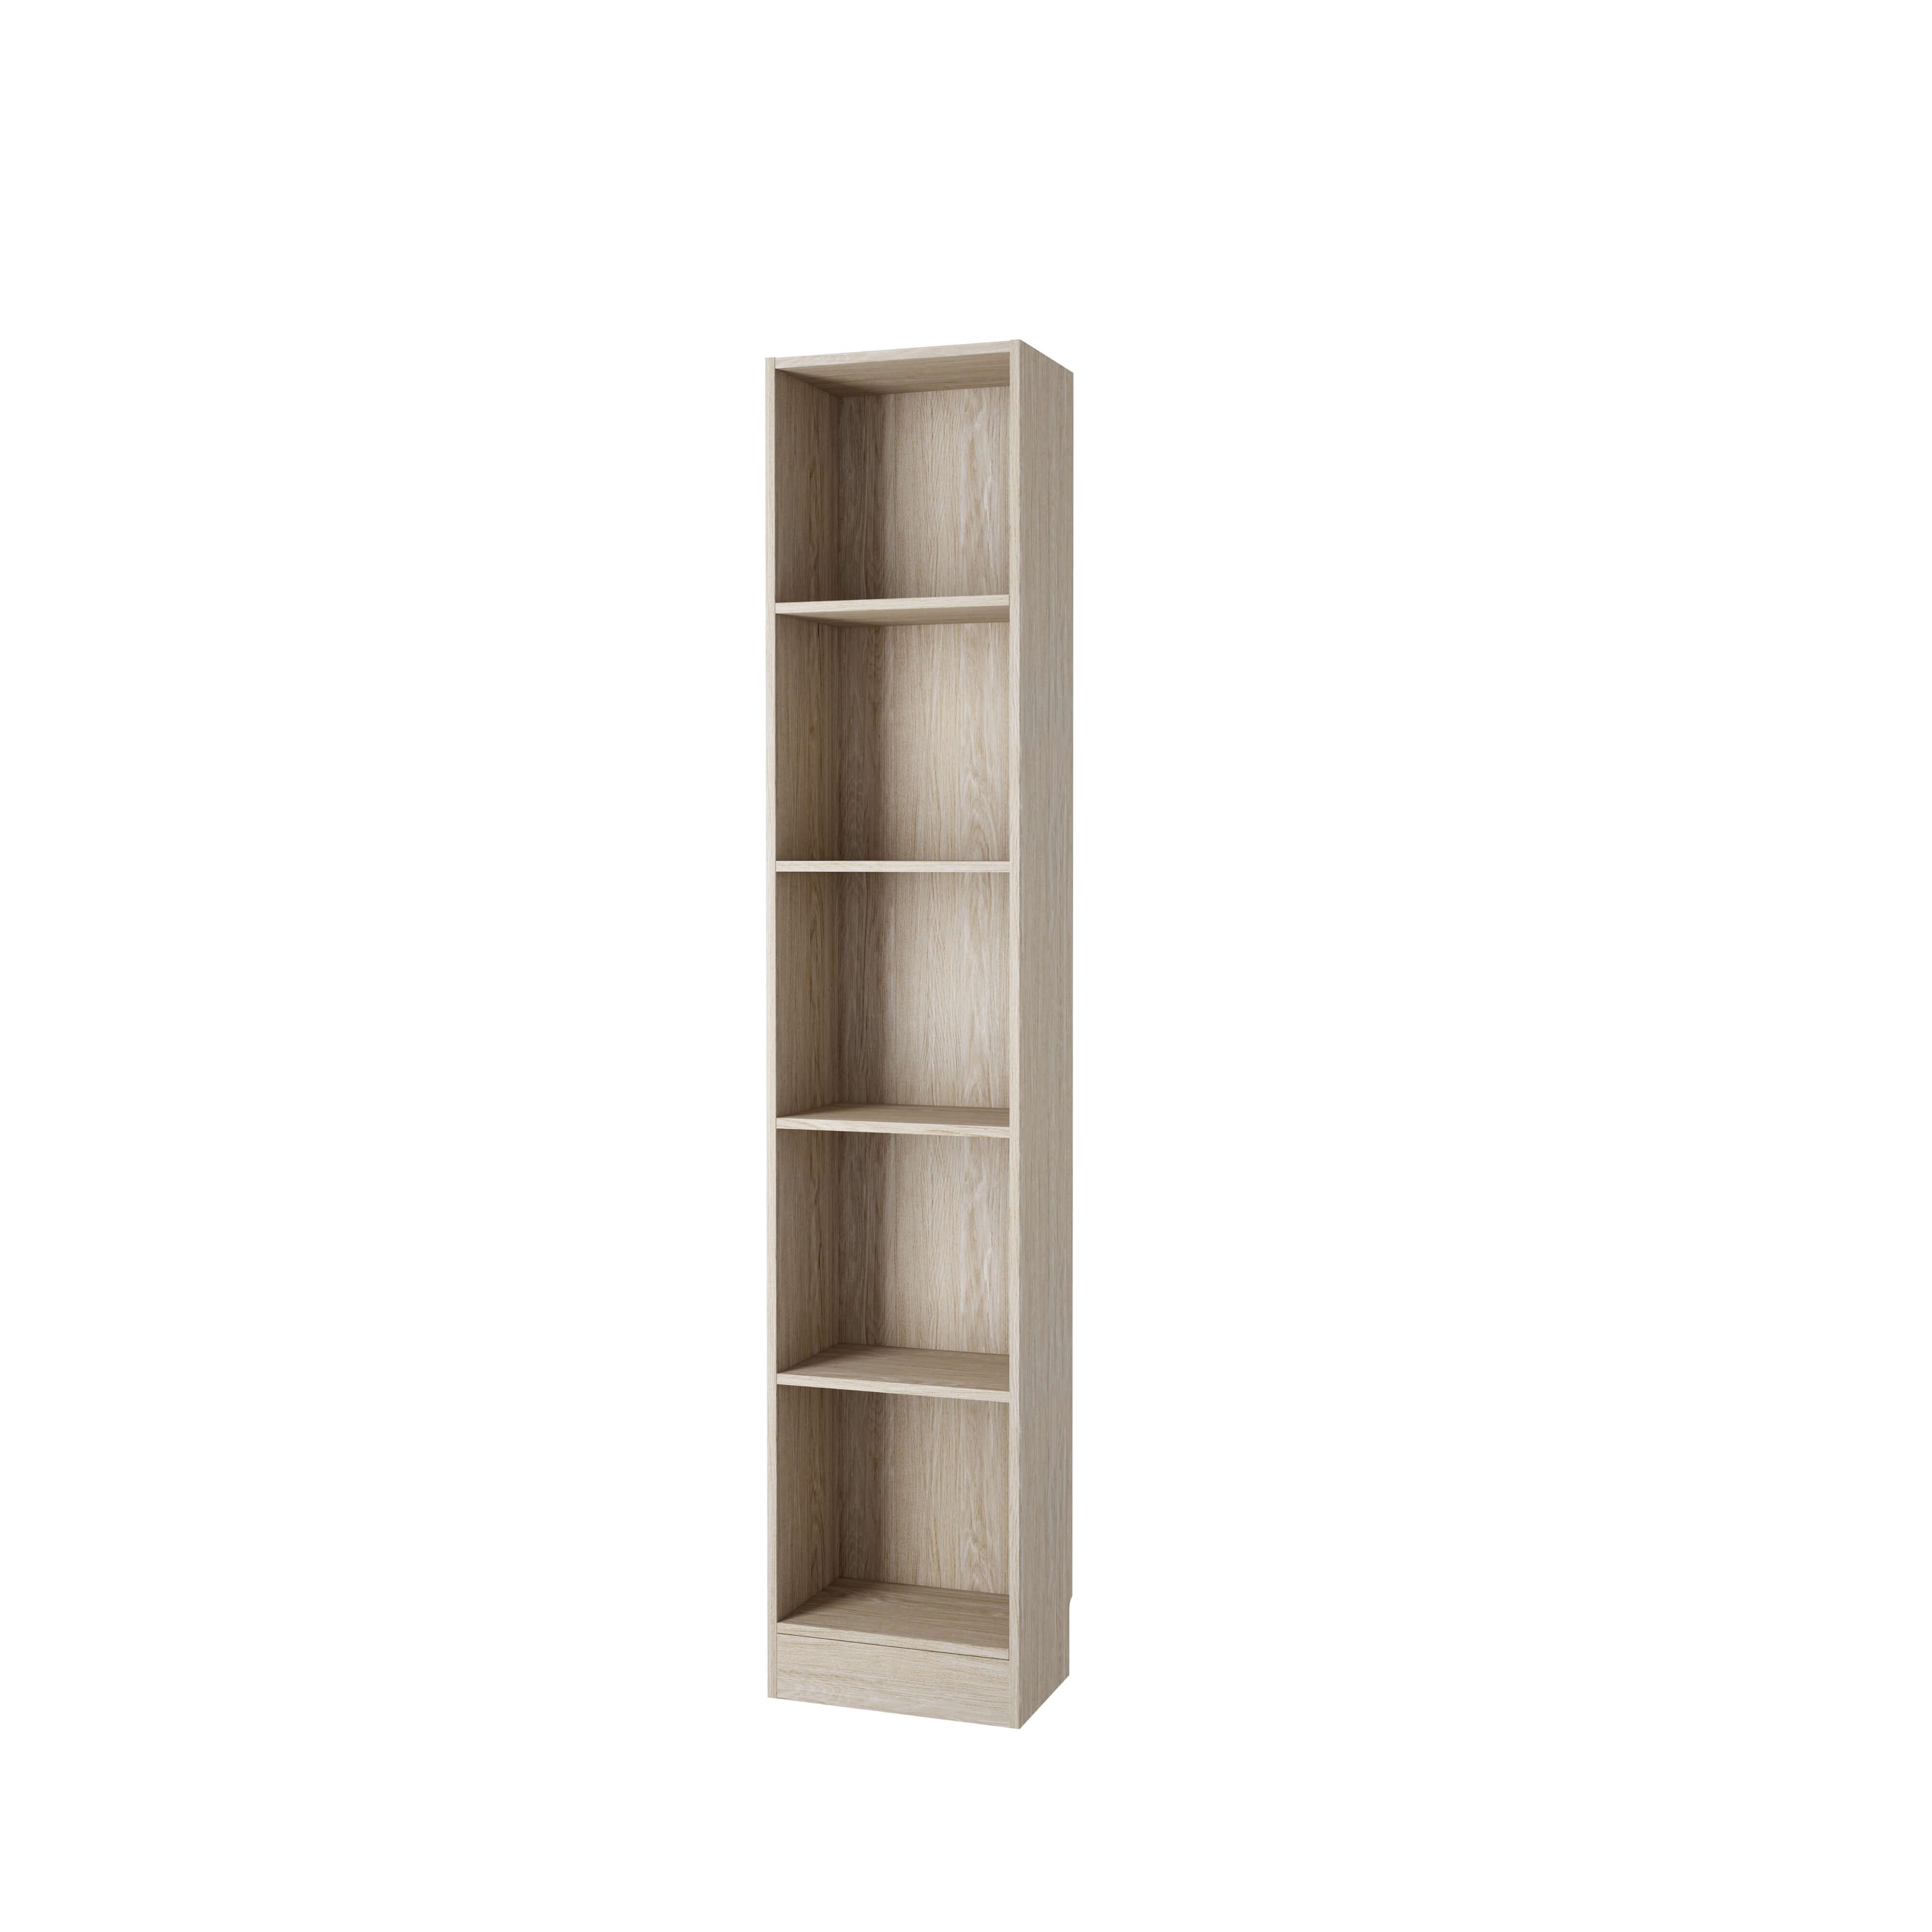 Basic bogkasse - egetræsstruktur, m. 4 hylder